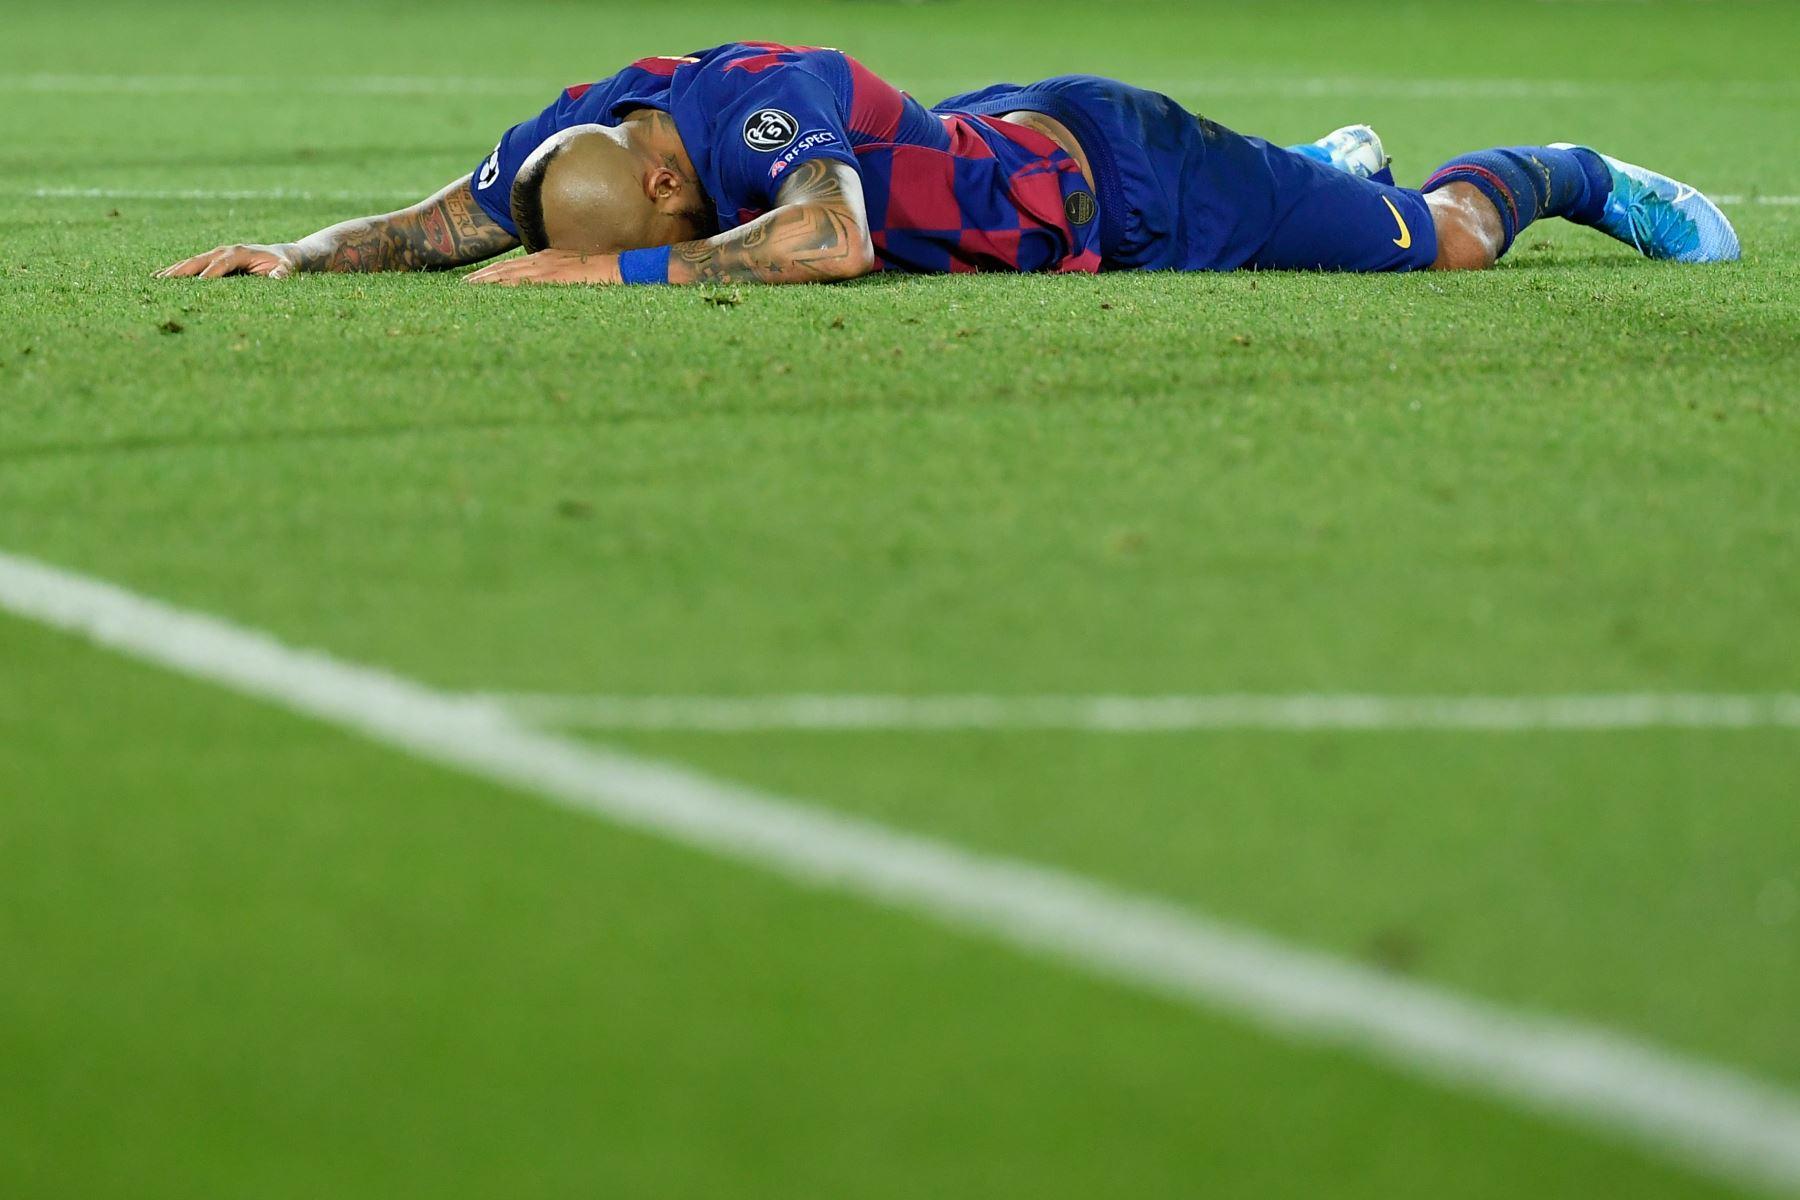 El mediocampista chileno del Barcelona Arturo Vidal reacciona durante el partido de fútbol del grupo F de la UEFA Champions League entre el FC Barcelona y el SK Slavia Prague. Foto:AFP